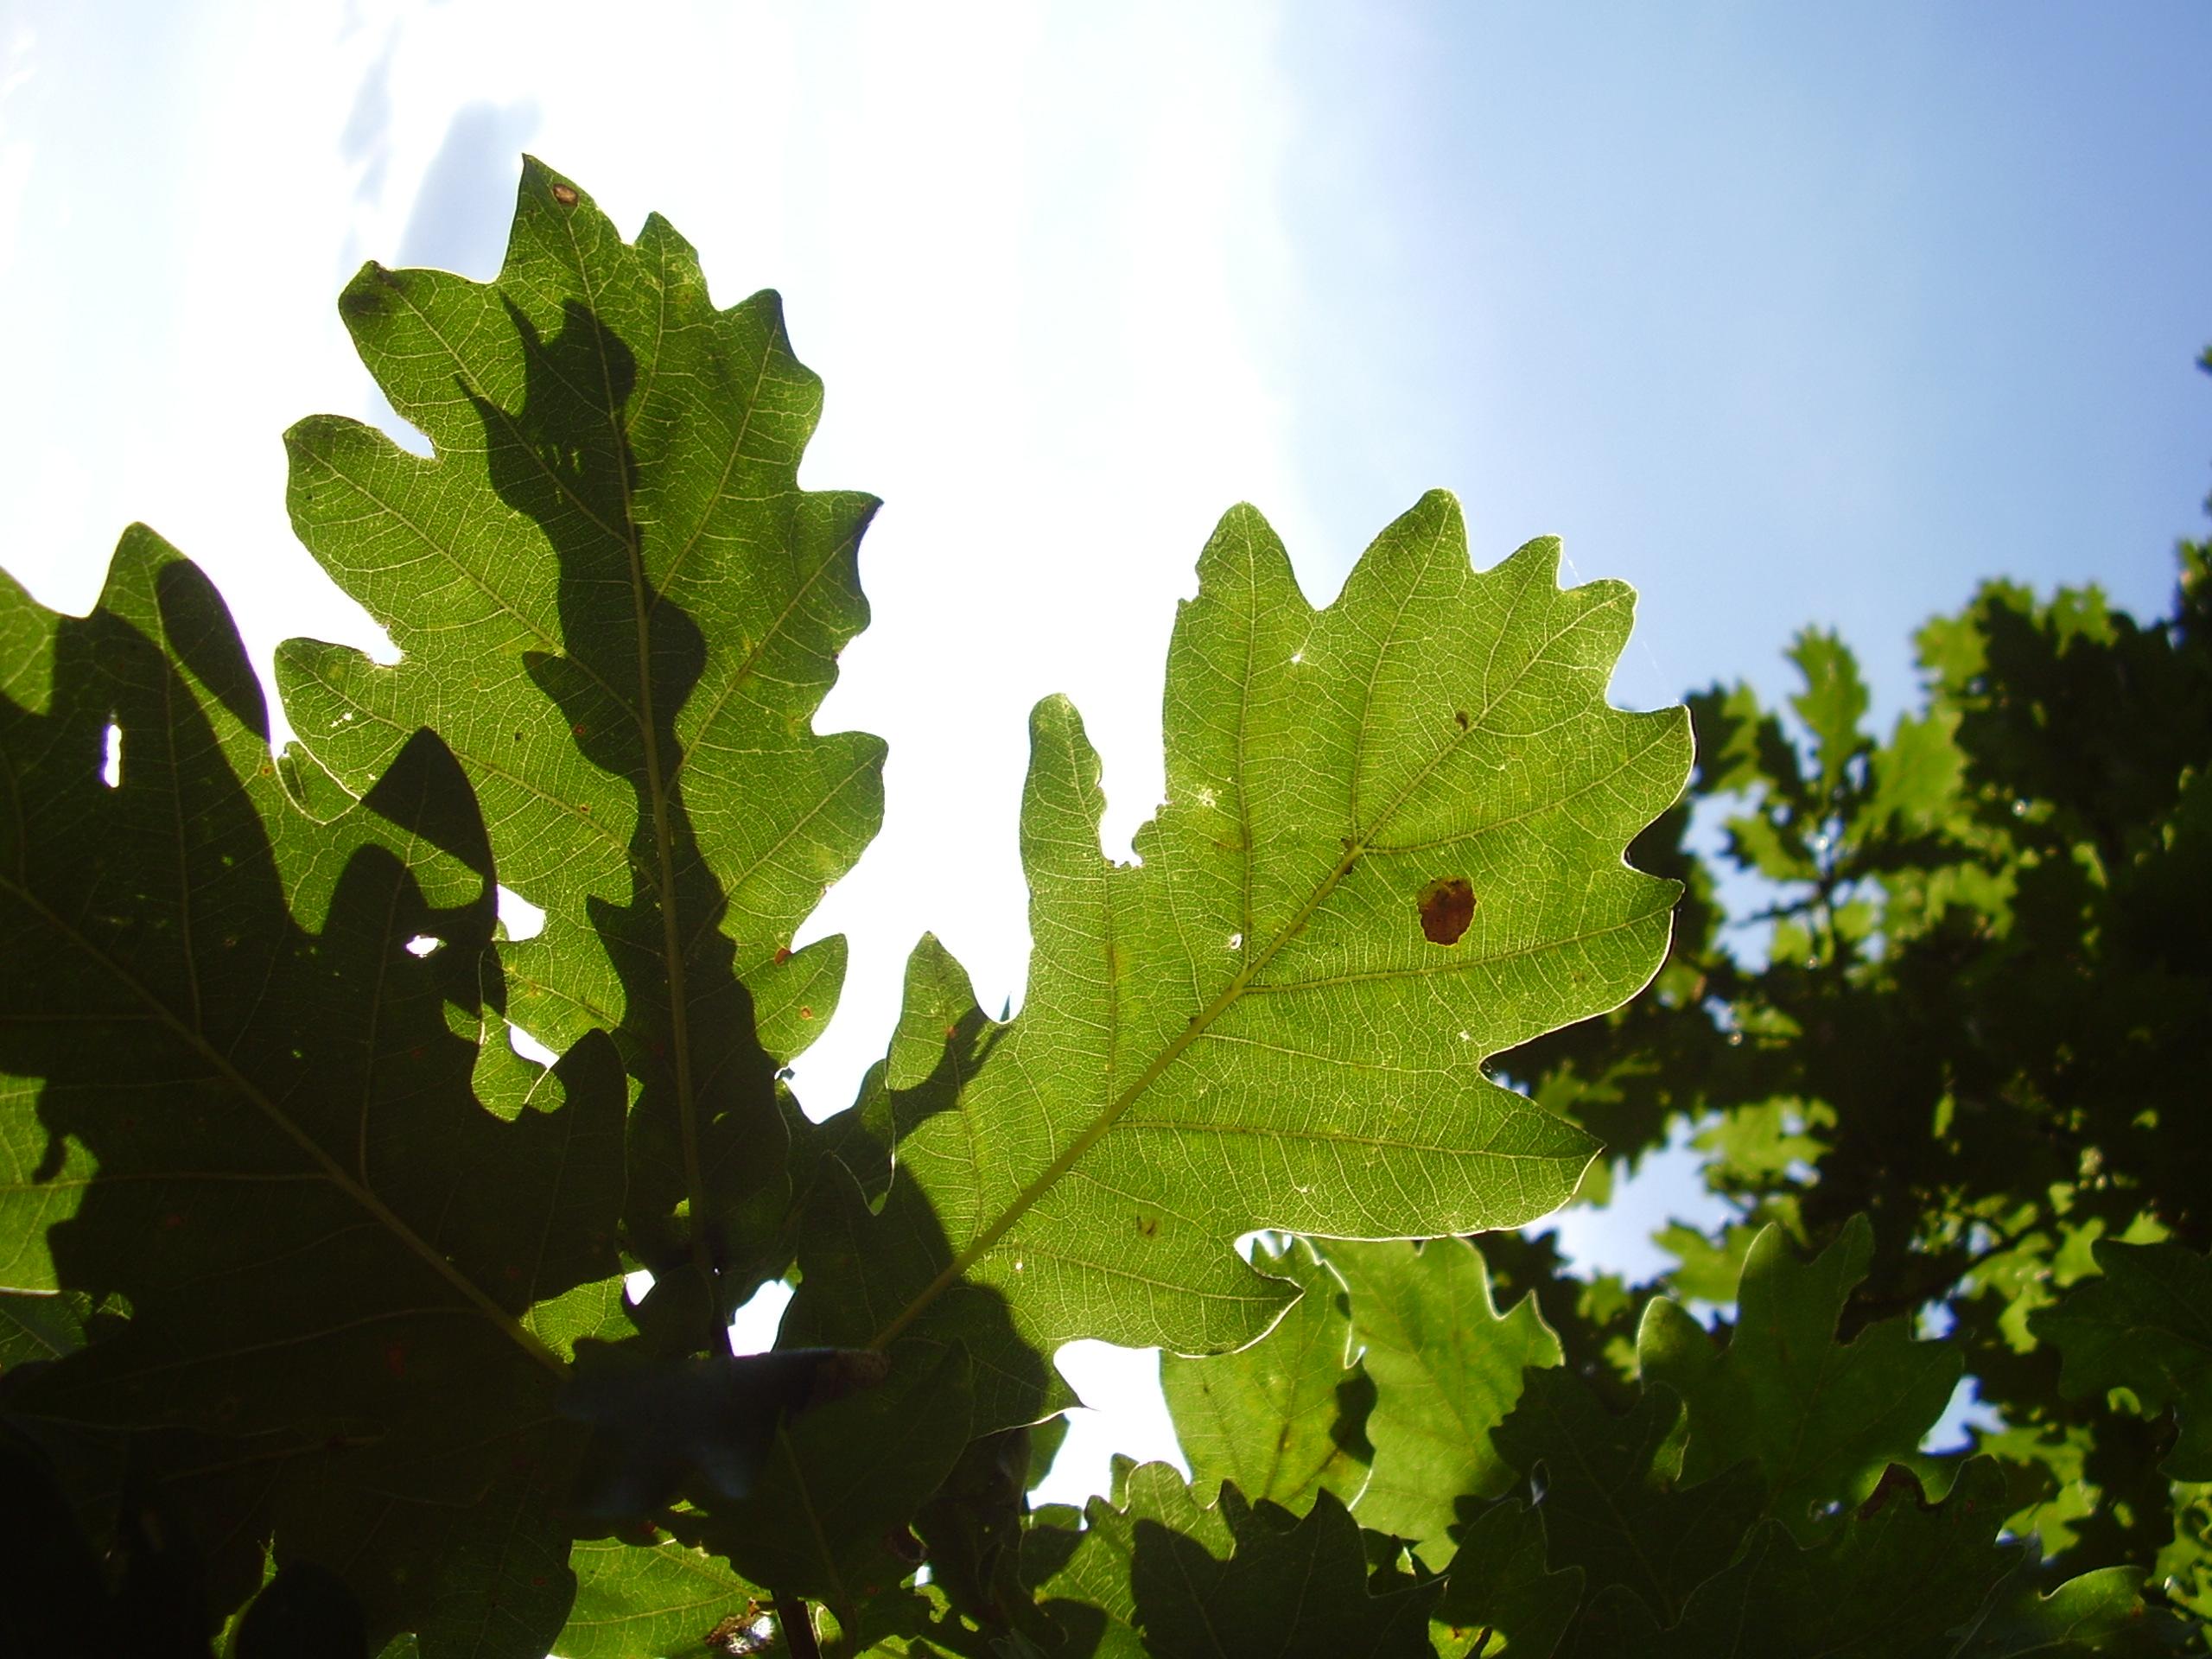 листя, що грається із сонцем